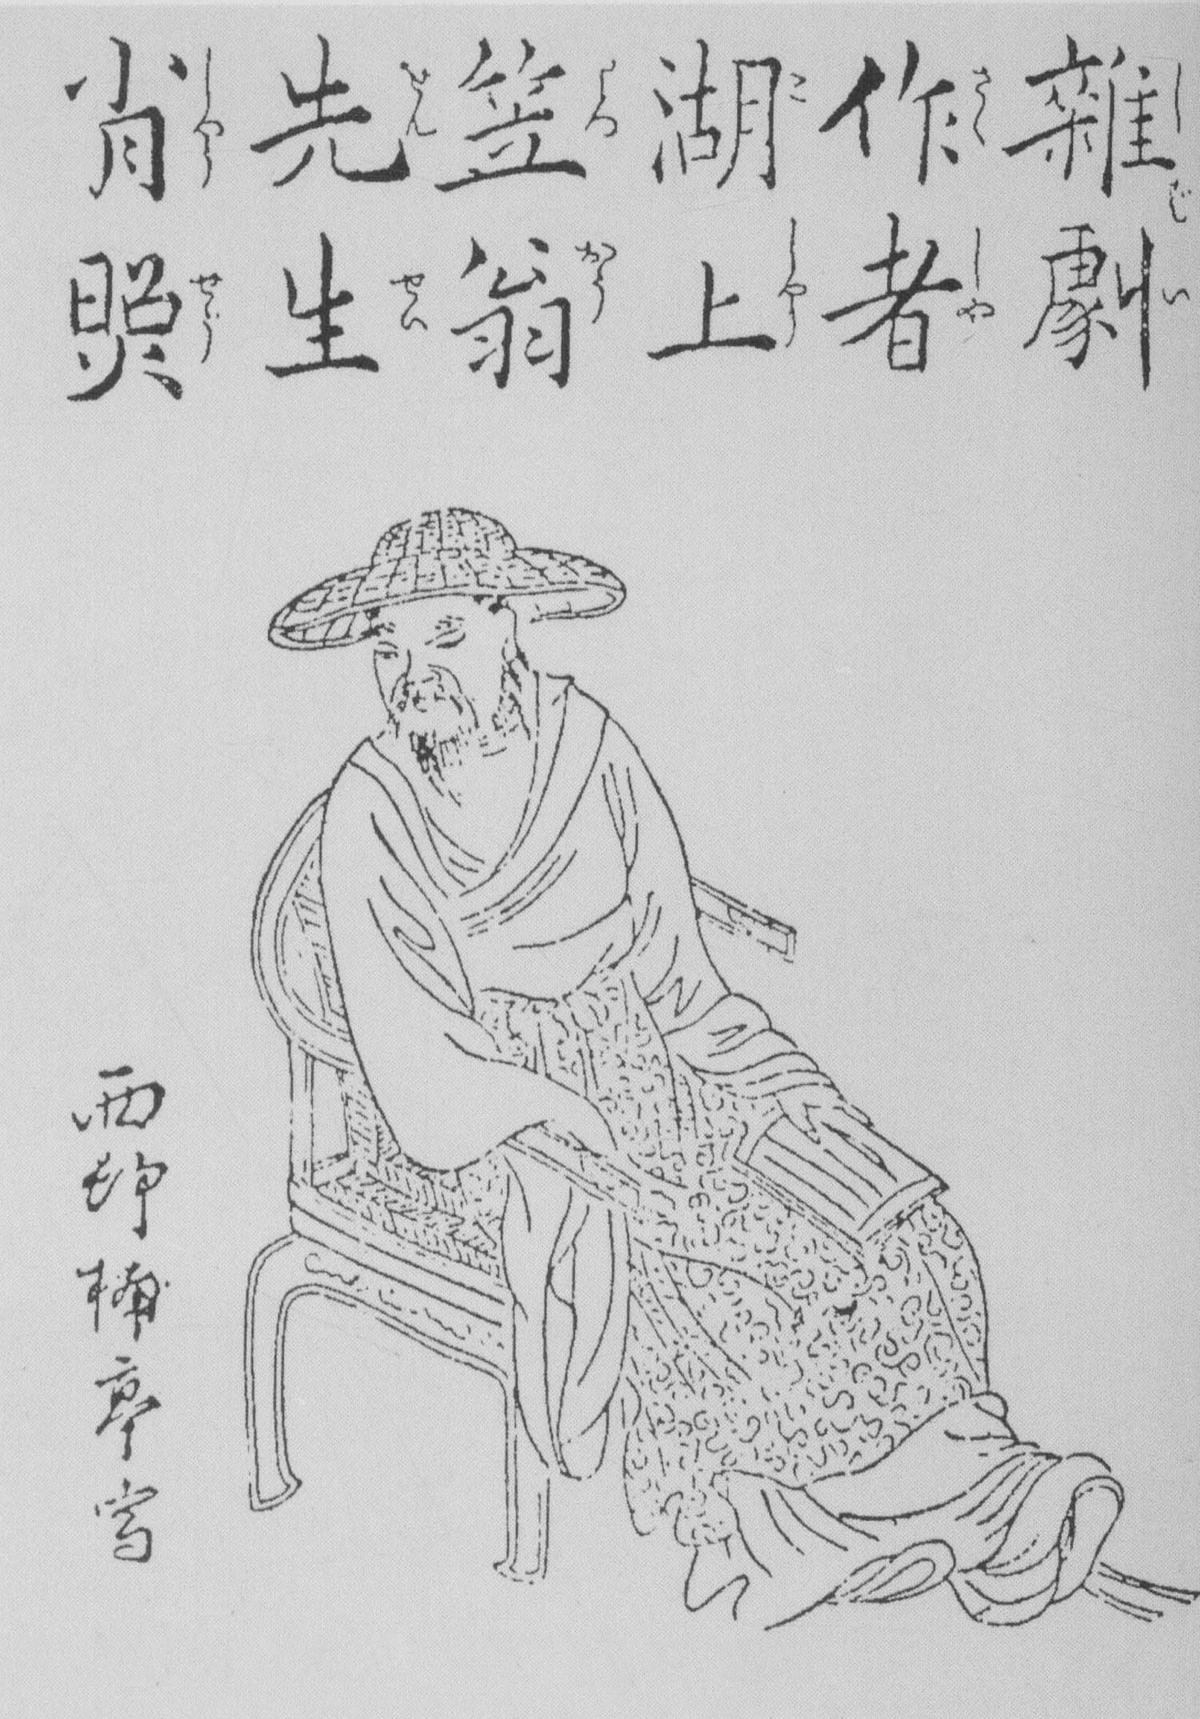 少年百科全书_李渔 - 维基百科,自由的百科全书